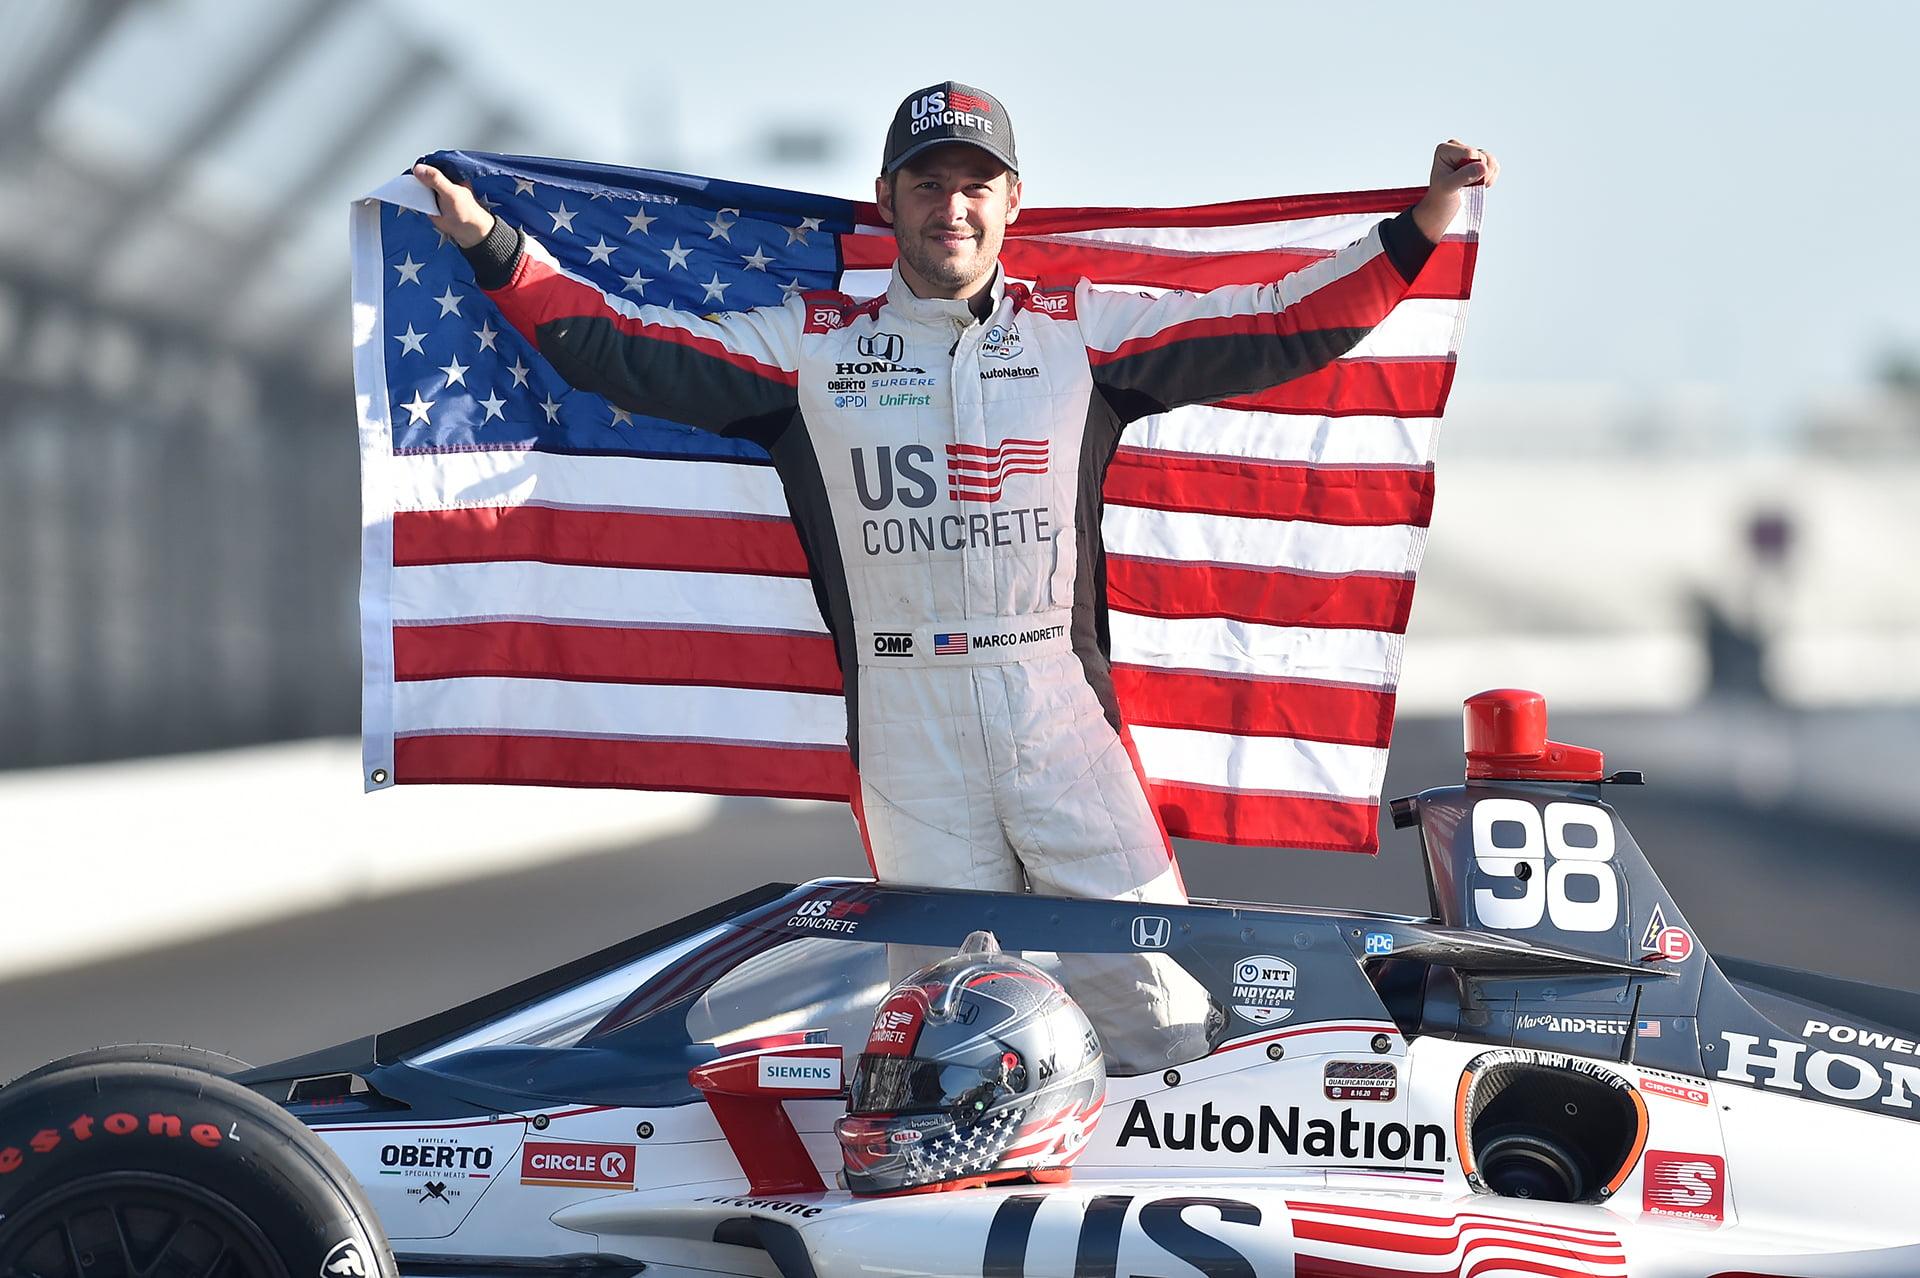 La Indy500 del 2020 tendrá a Marco Andretti en la pole position